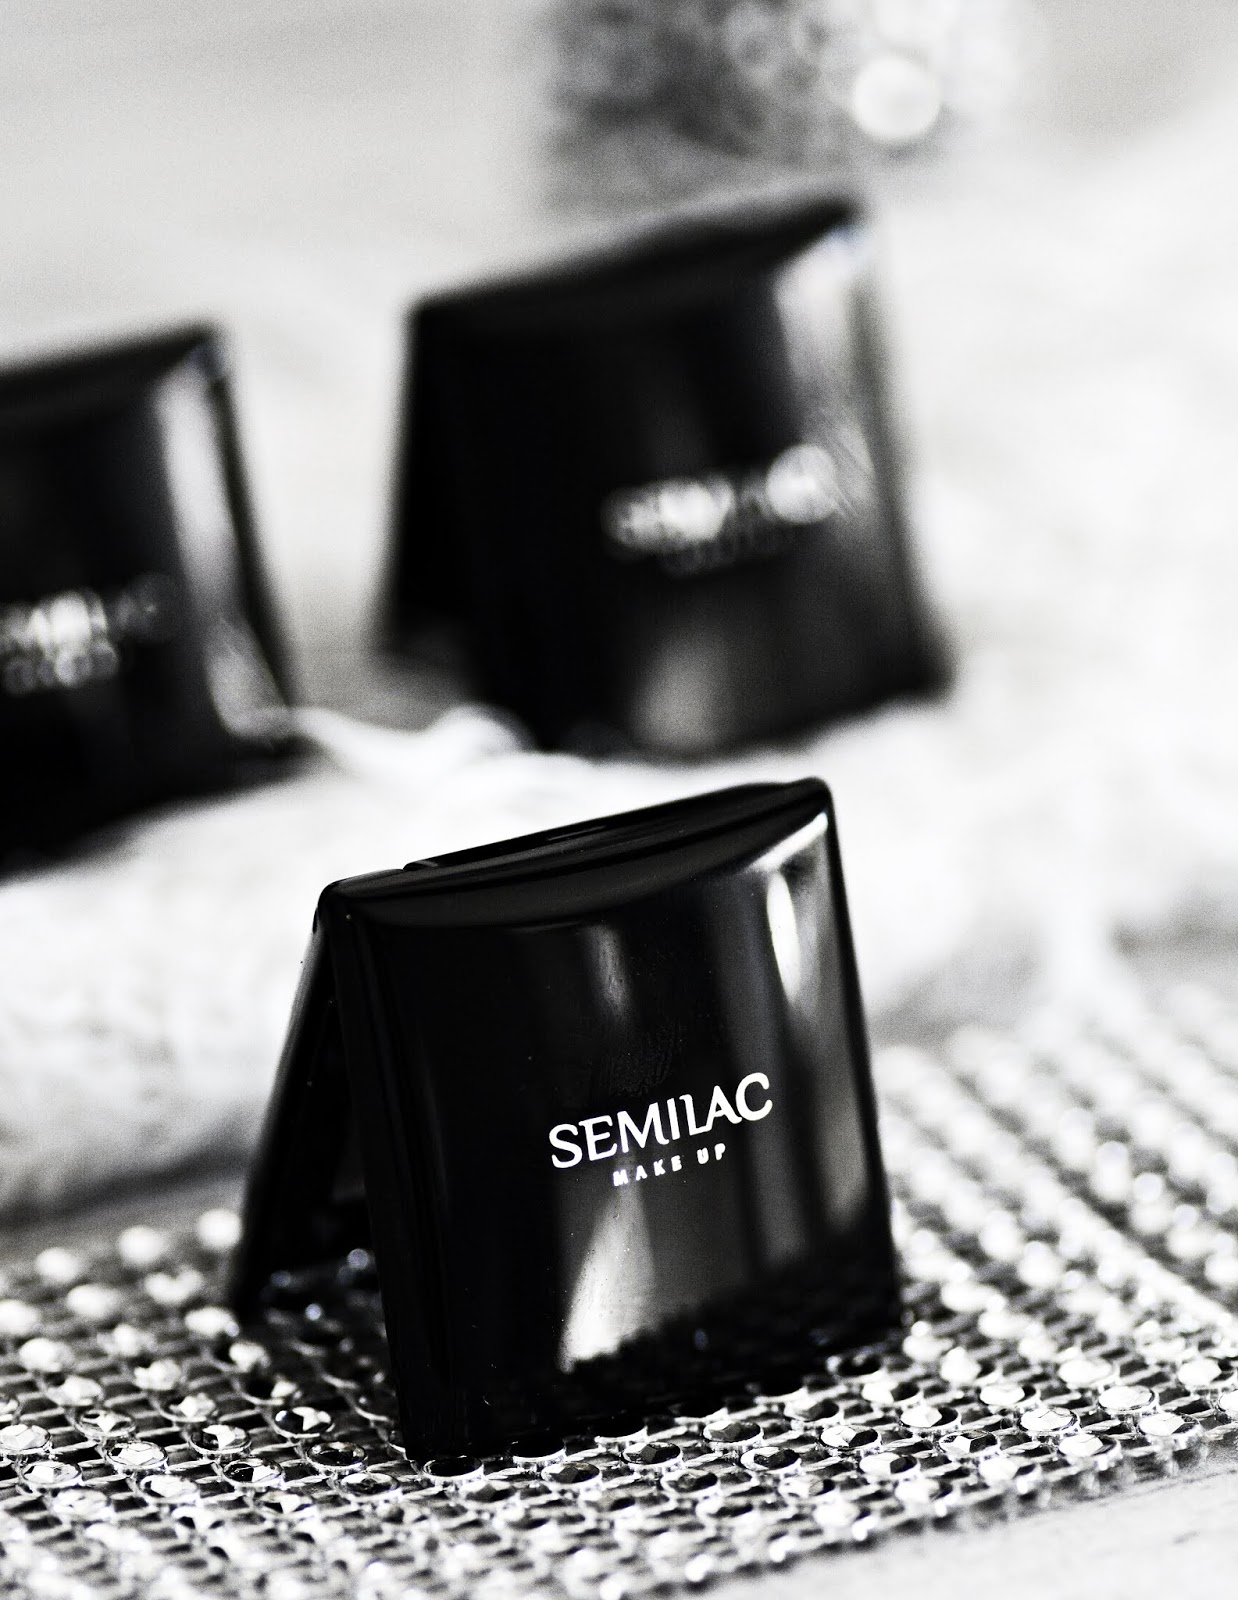 Kolekcja rozświetlających cieni Semilac.